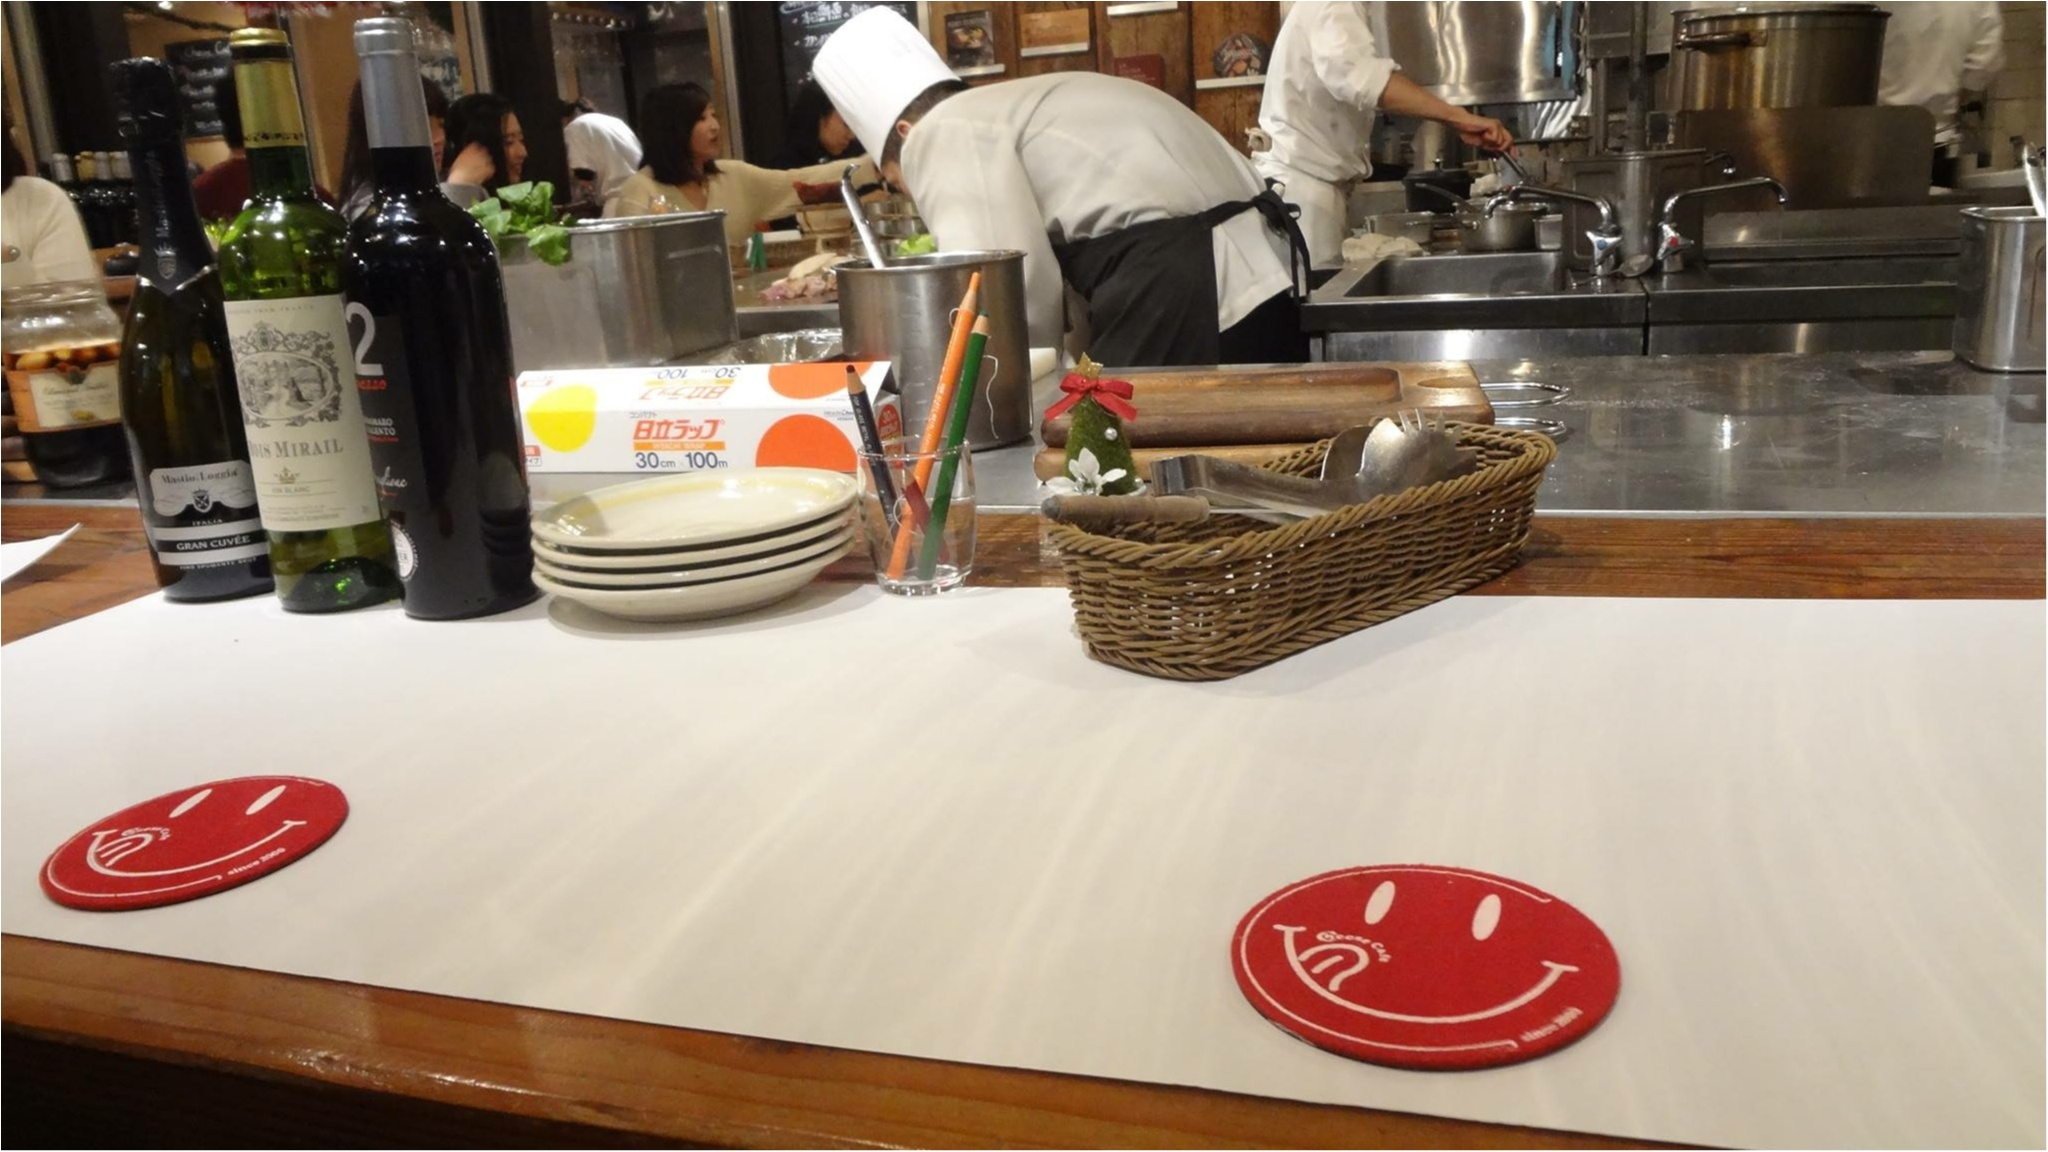 人気過ぎて予約困難な横浜のレストラン『チーズカフェ』でお得にチーズ料理を楽しむ方法✨≪samenyan≫_2